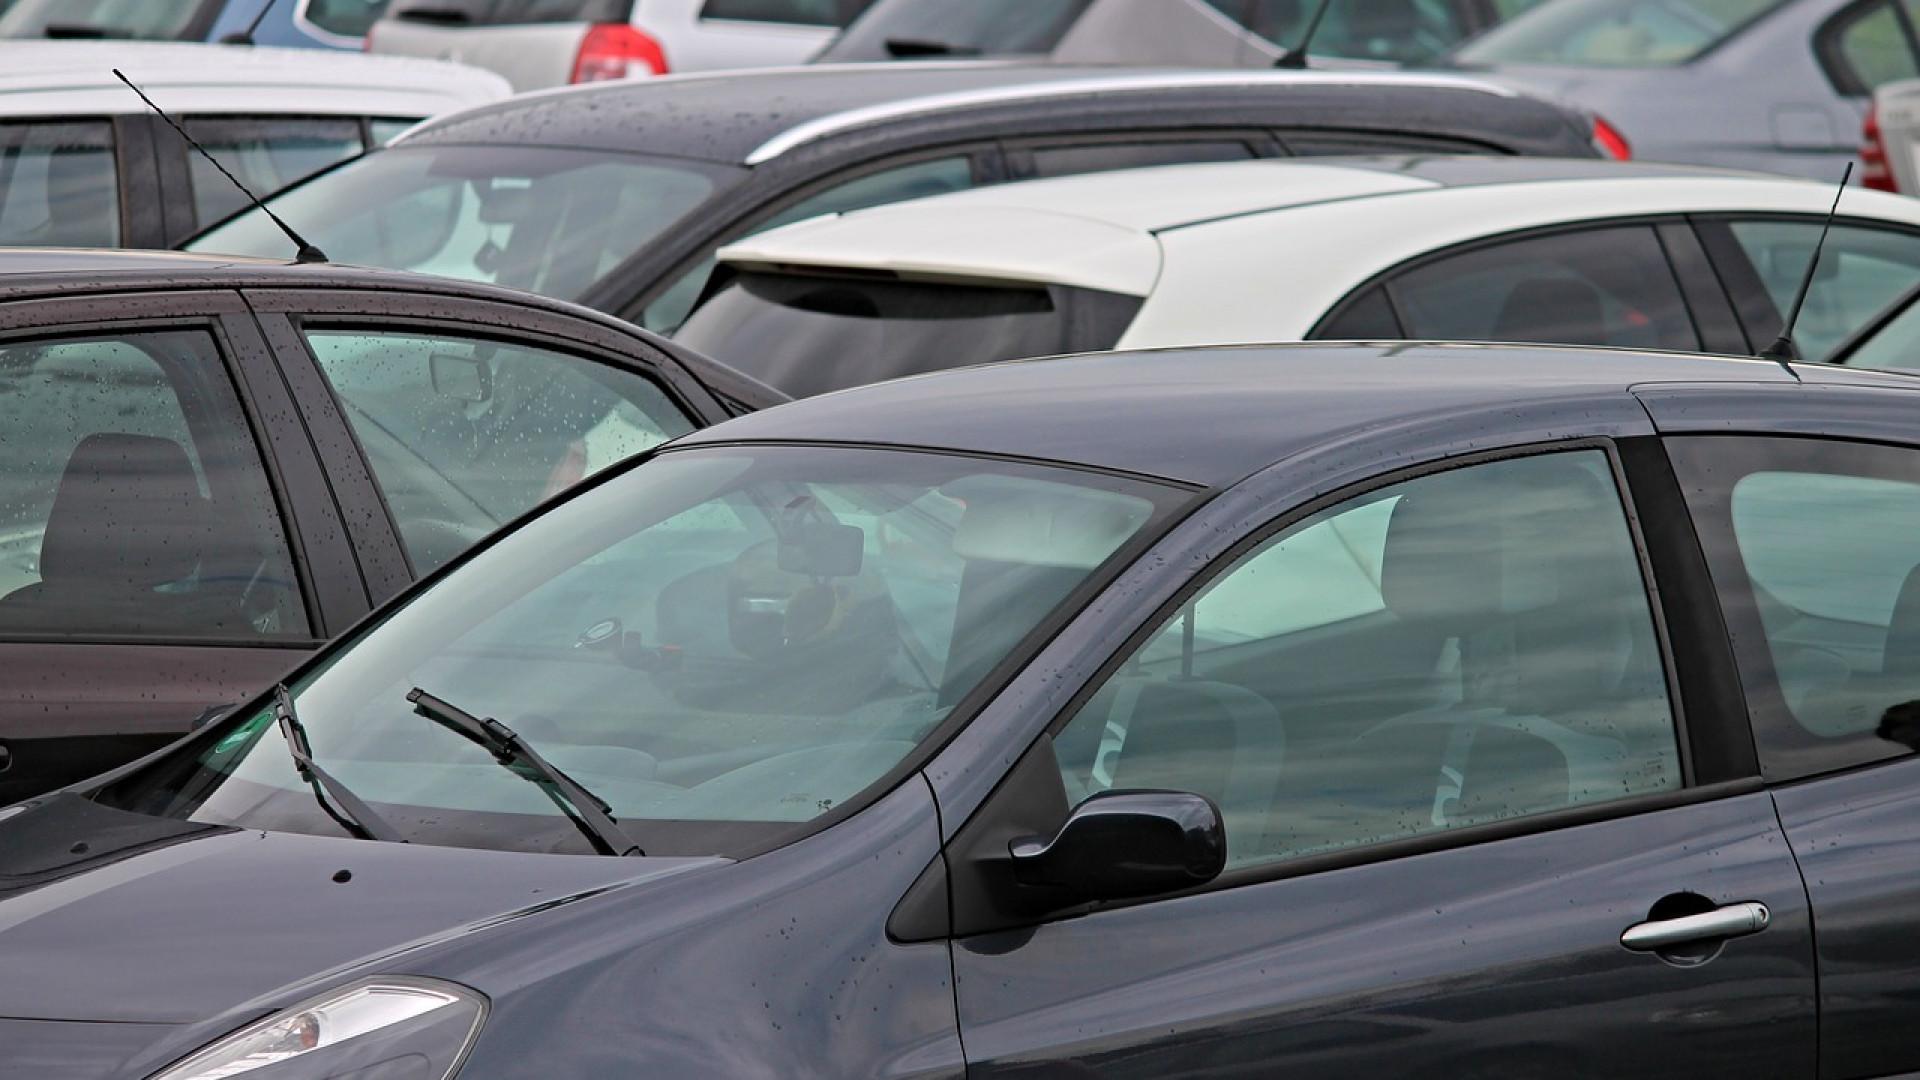 image Voyage longue durée au départ de Roissy, où garer sa voiture en toute sécurité ?